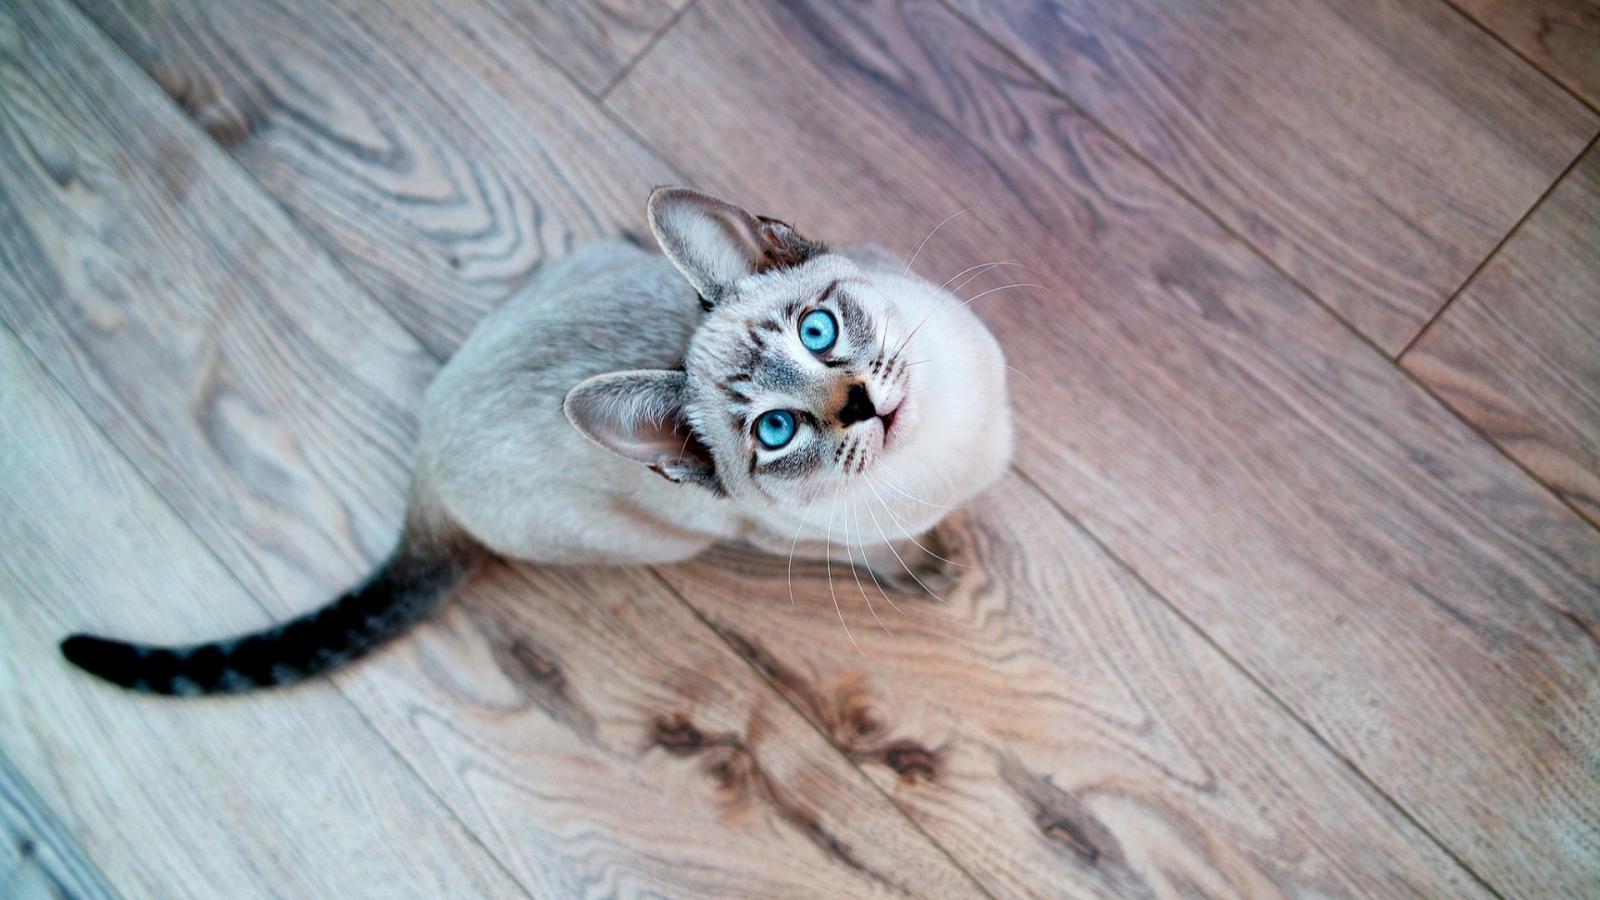 Gato de ojos turquesa - 1600x900